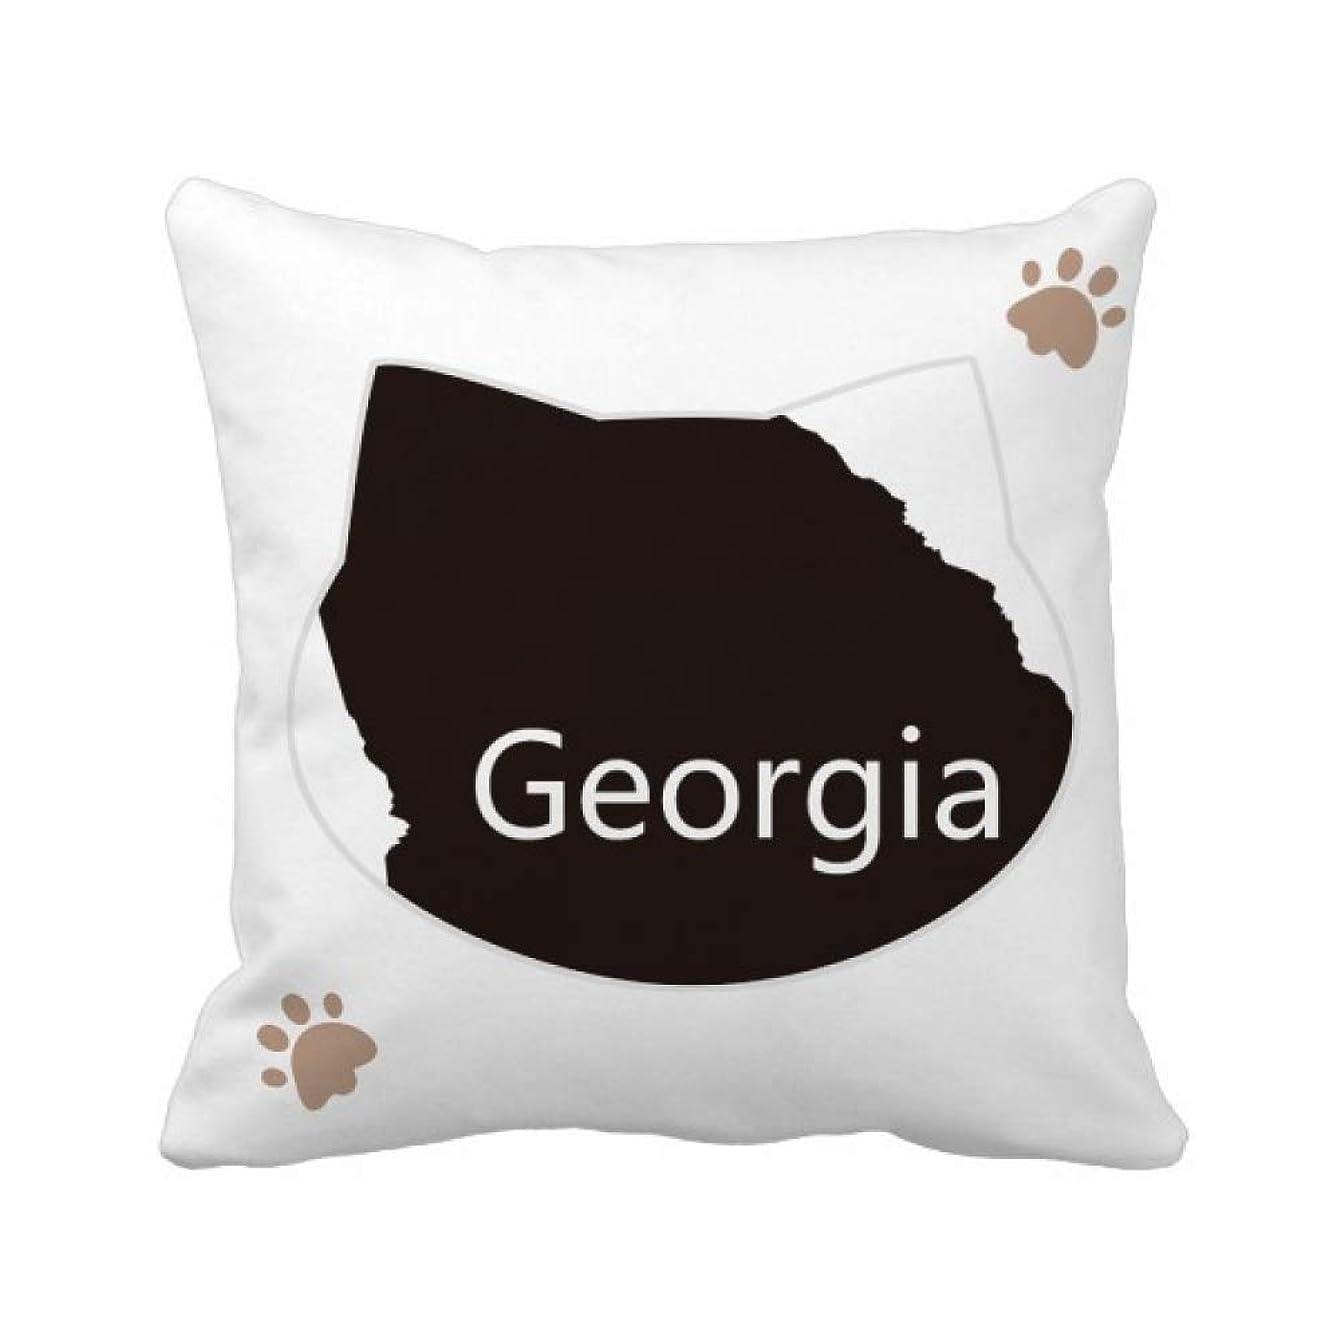 噴火クランプ見分けるジョージアアメリカ 米国のマップのシルエット 枕カバーを放り投げる猫広場 50cm x 50cm